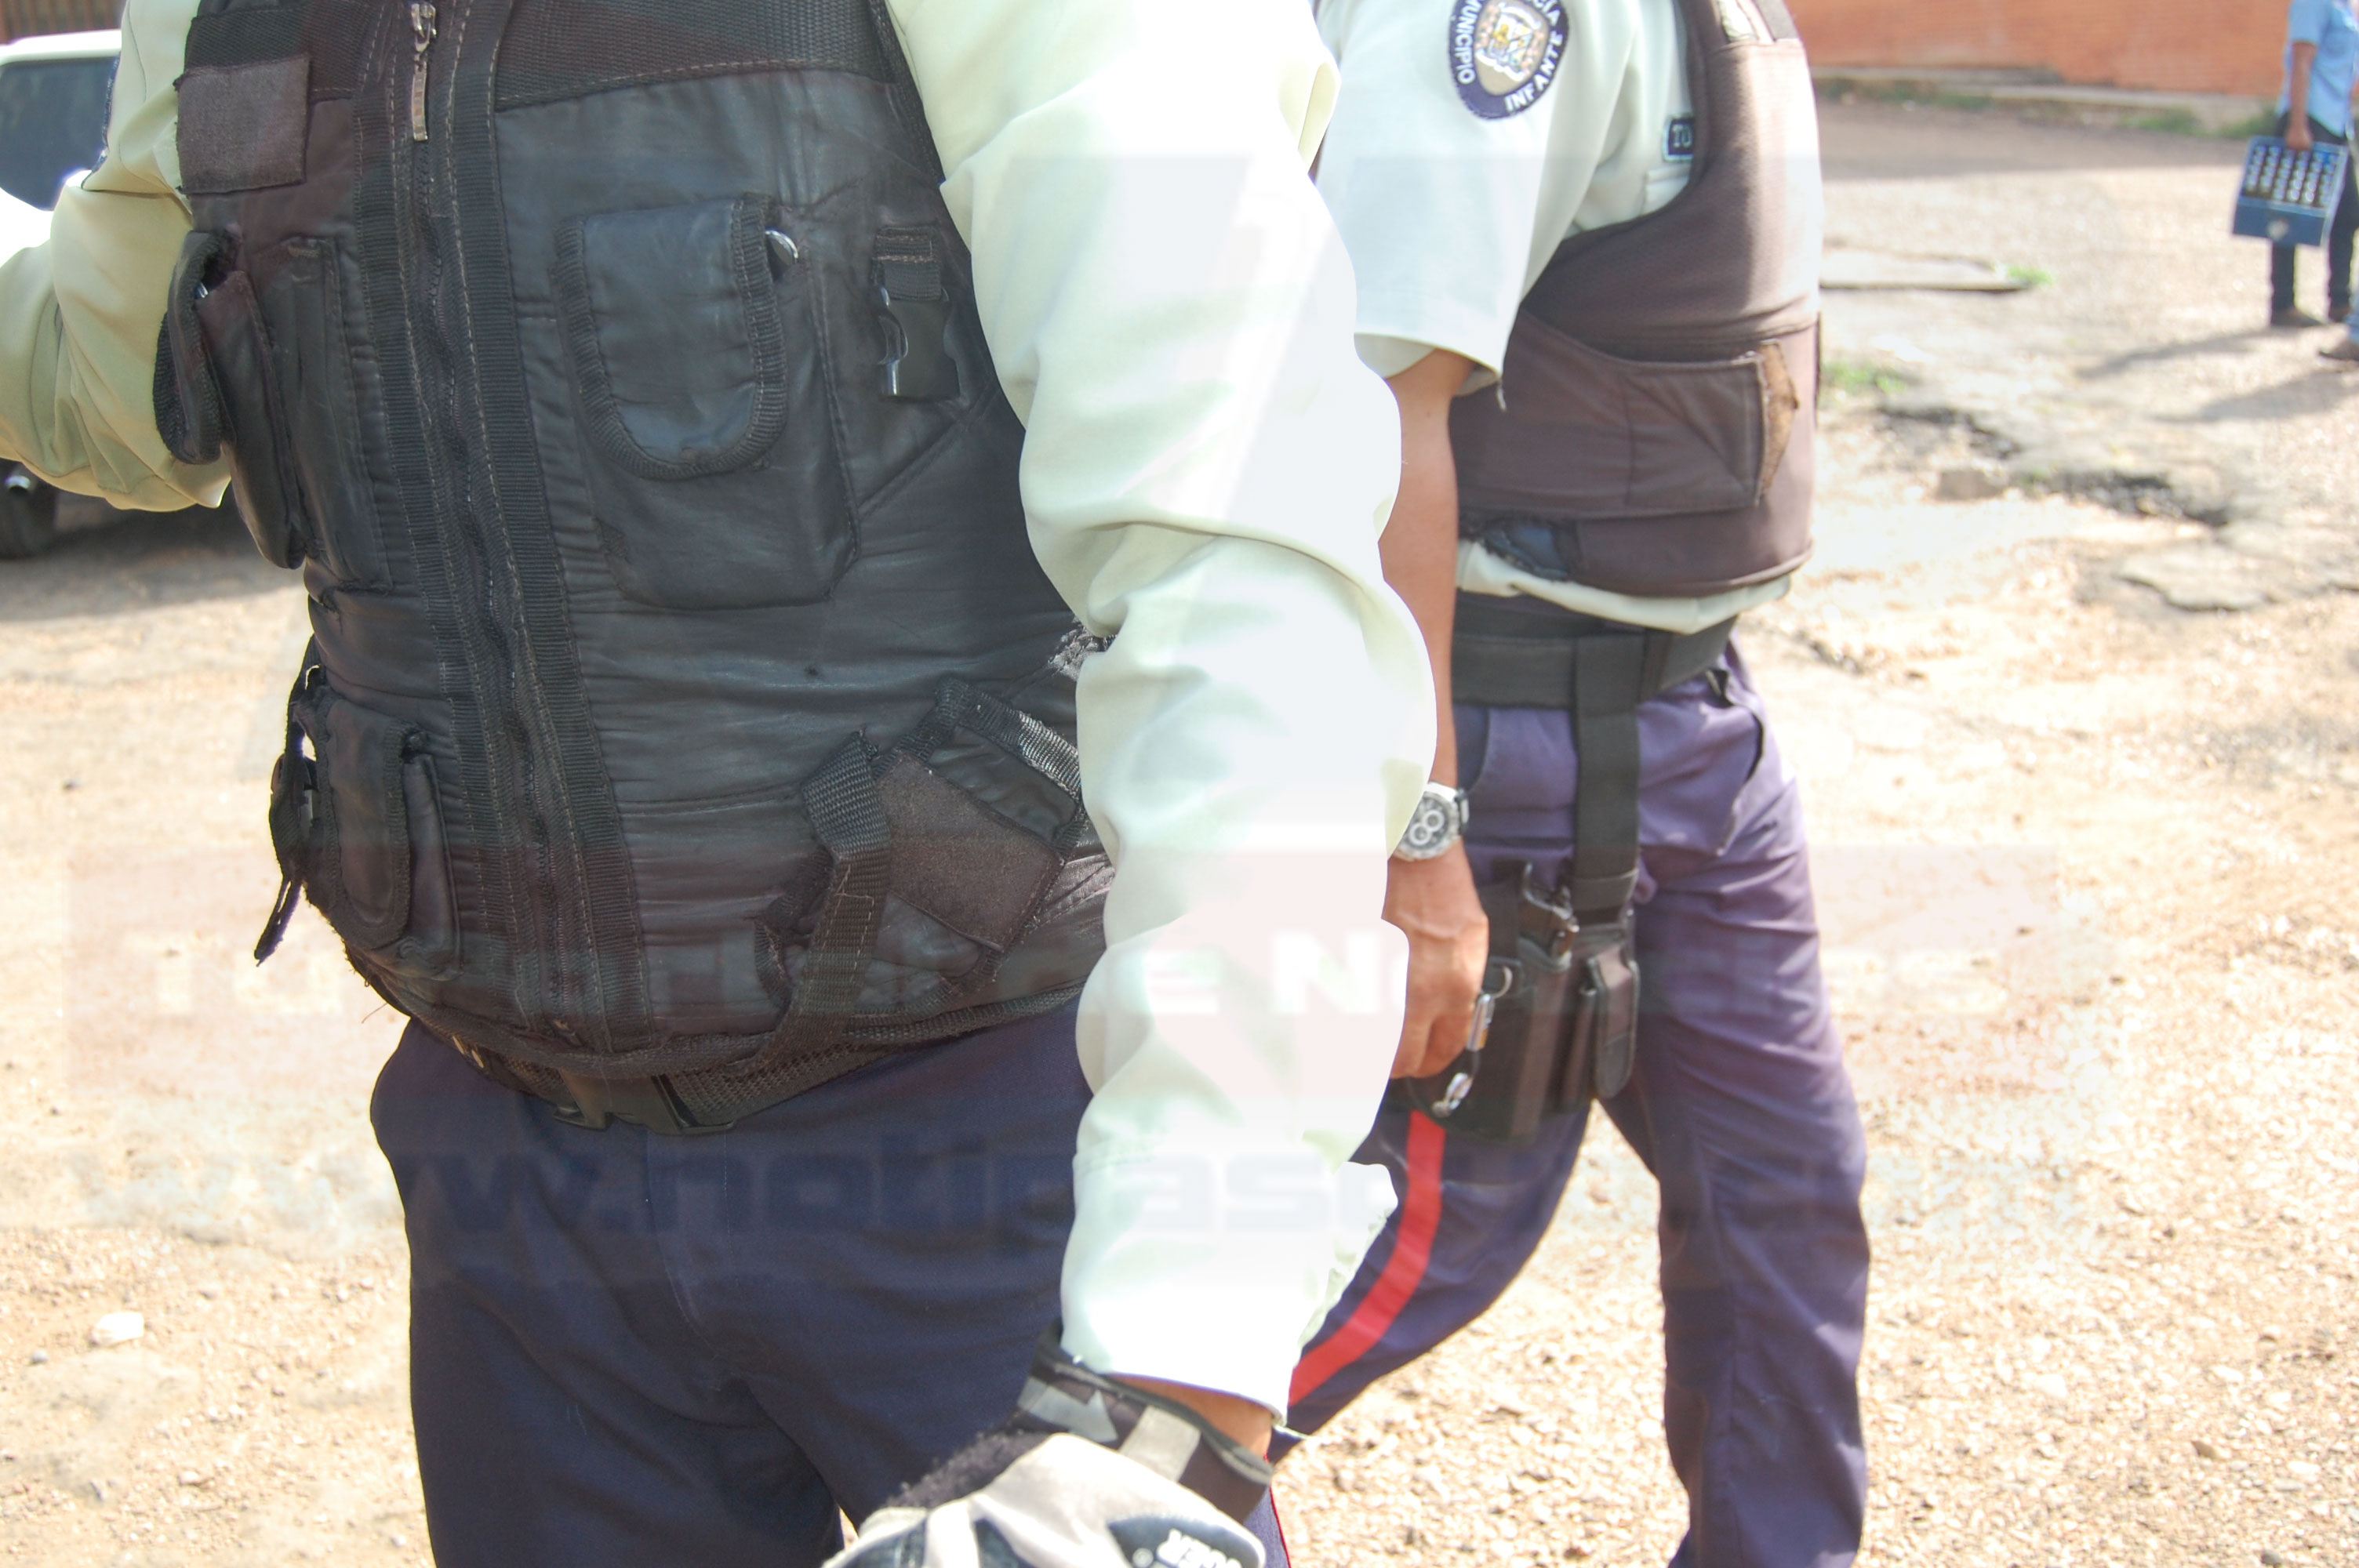 Funcionario del Iapatmi resulto lesionado cuando un funcionario de la PNB intento evitar que saquearan la carga restante y disparo perdigones que impactaron en el brazo del policía.